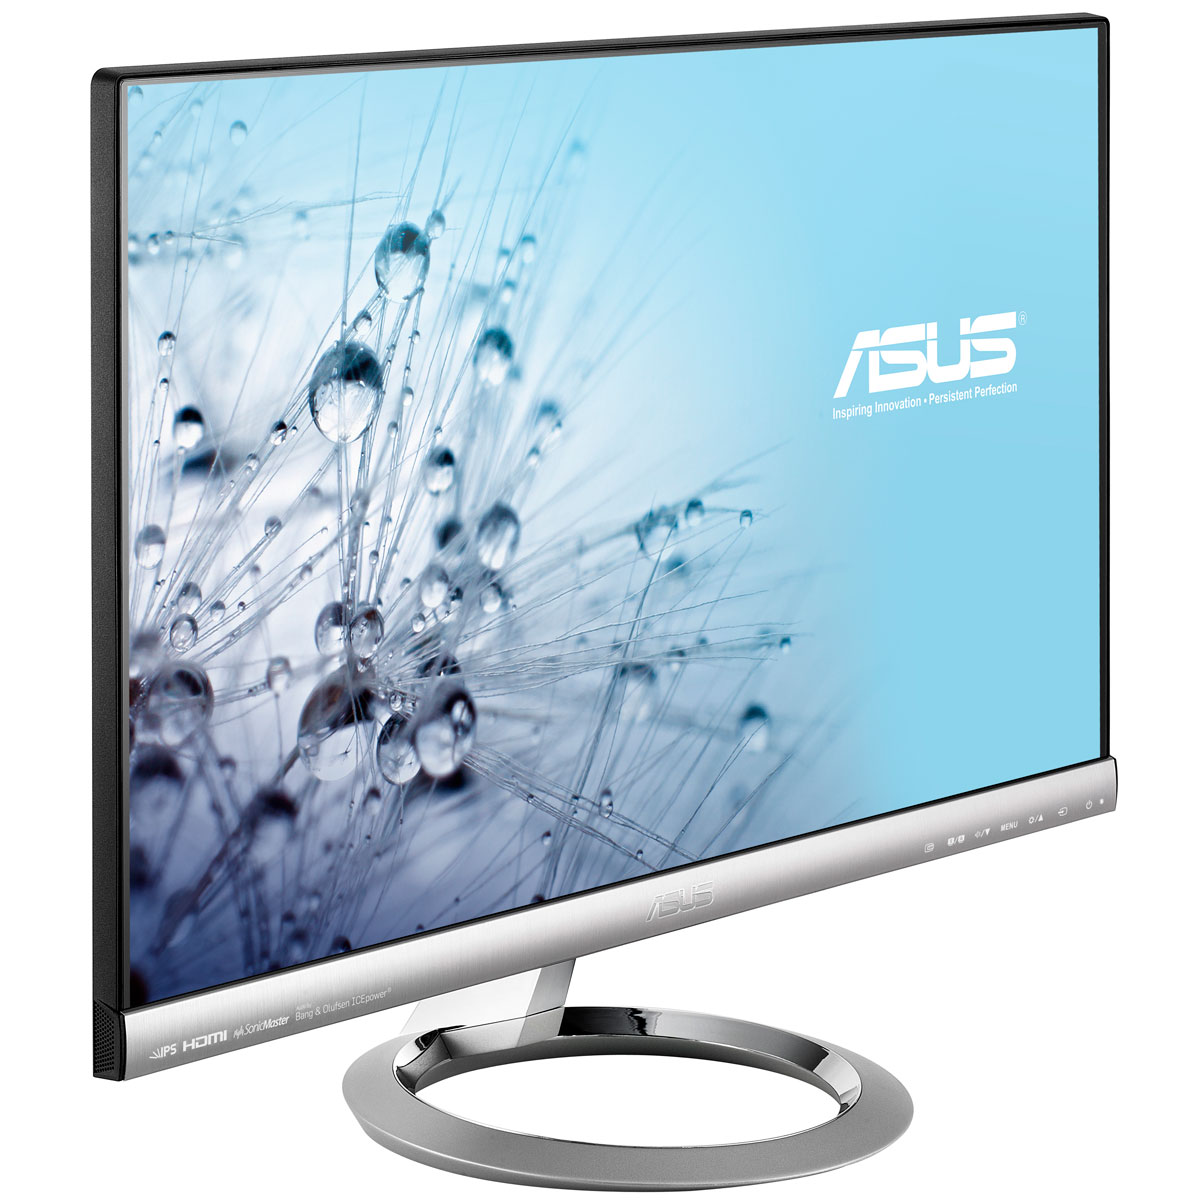 Asus 23 led designo mx239h ecran pc asus sur ldlc for Ecran photo asus